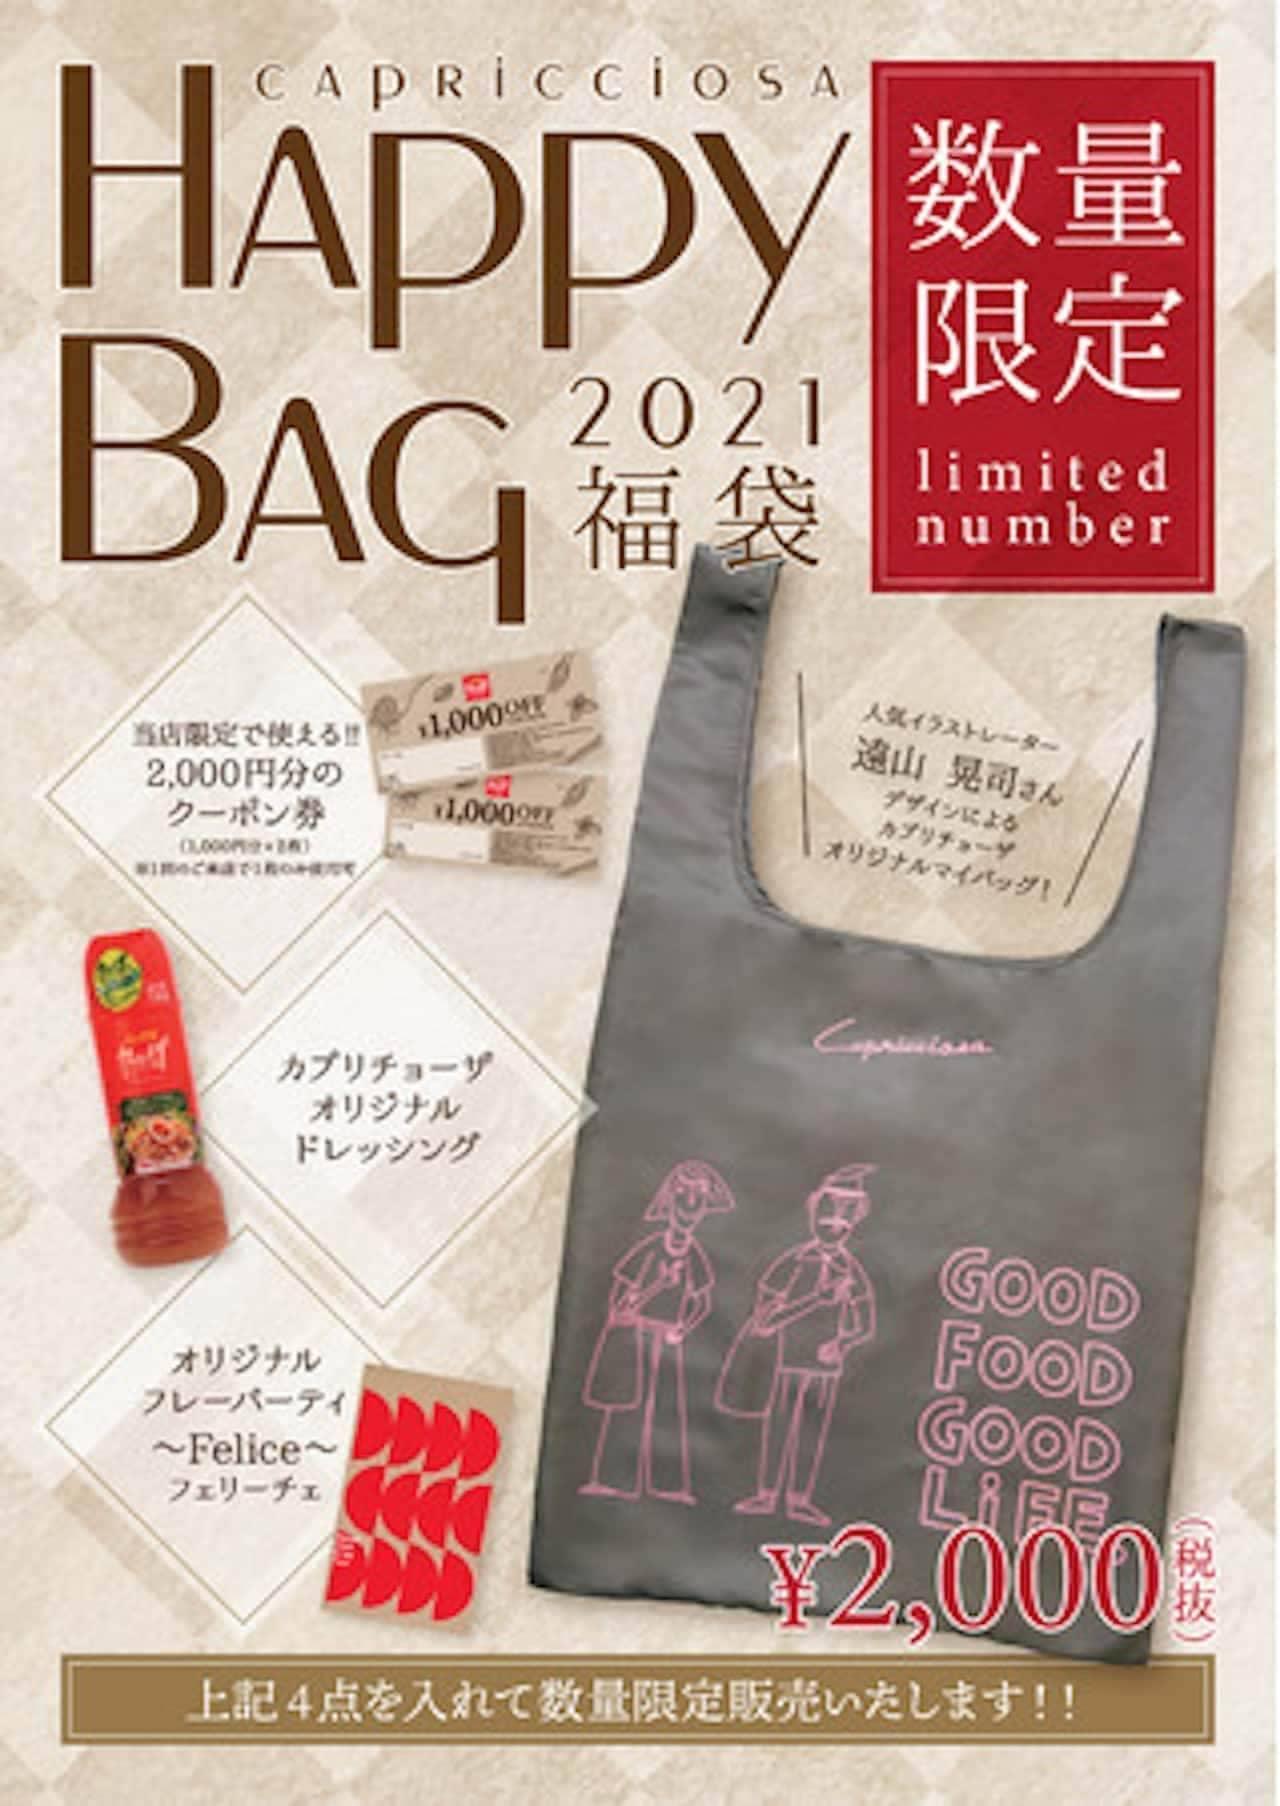 カプリチョーザ「2021 福袋」